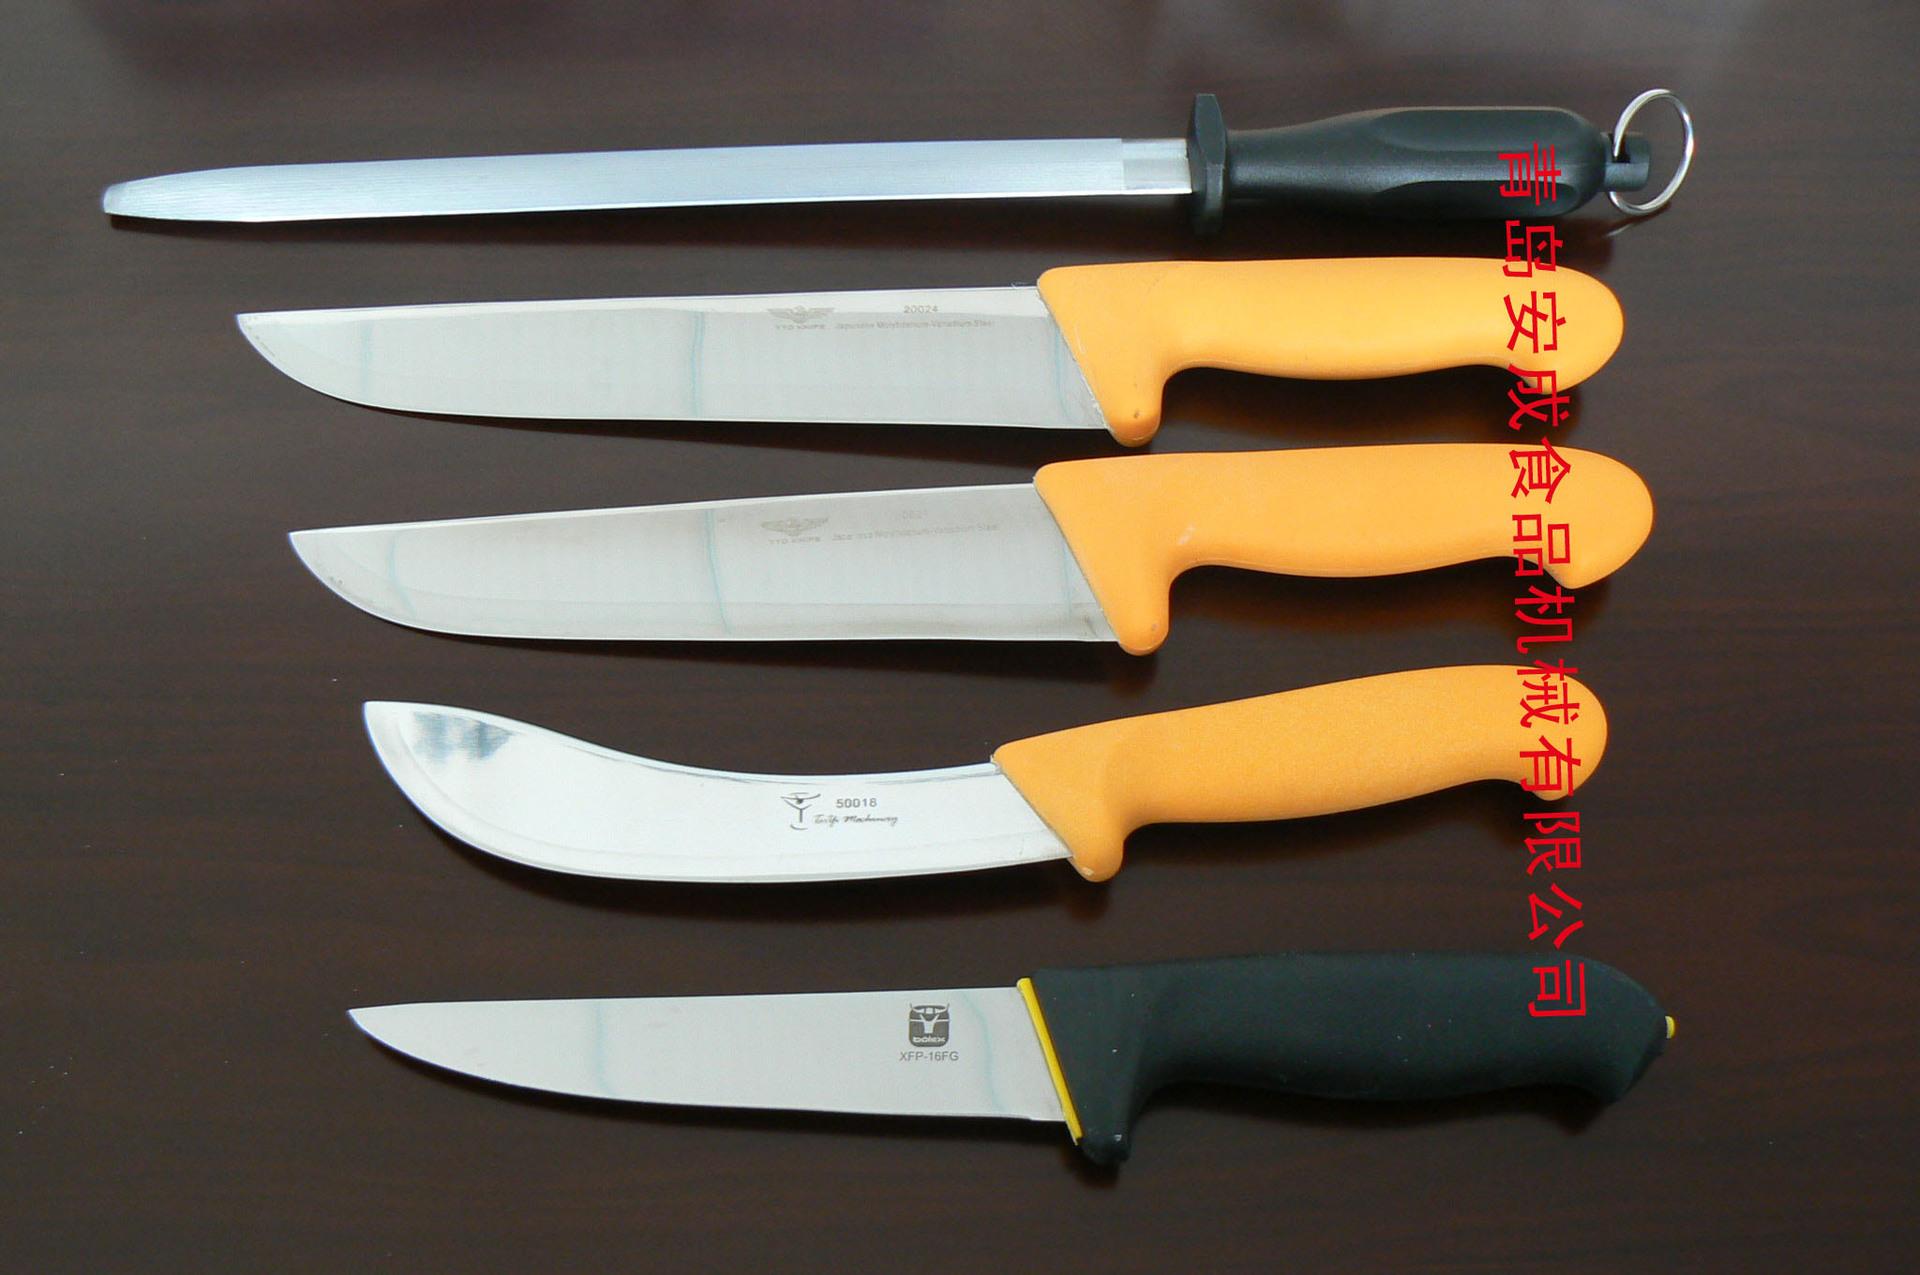 屠宰设备丨屠宰机械丨屠宰工具丨屠宰刀具丨放血刀